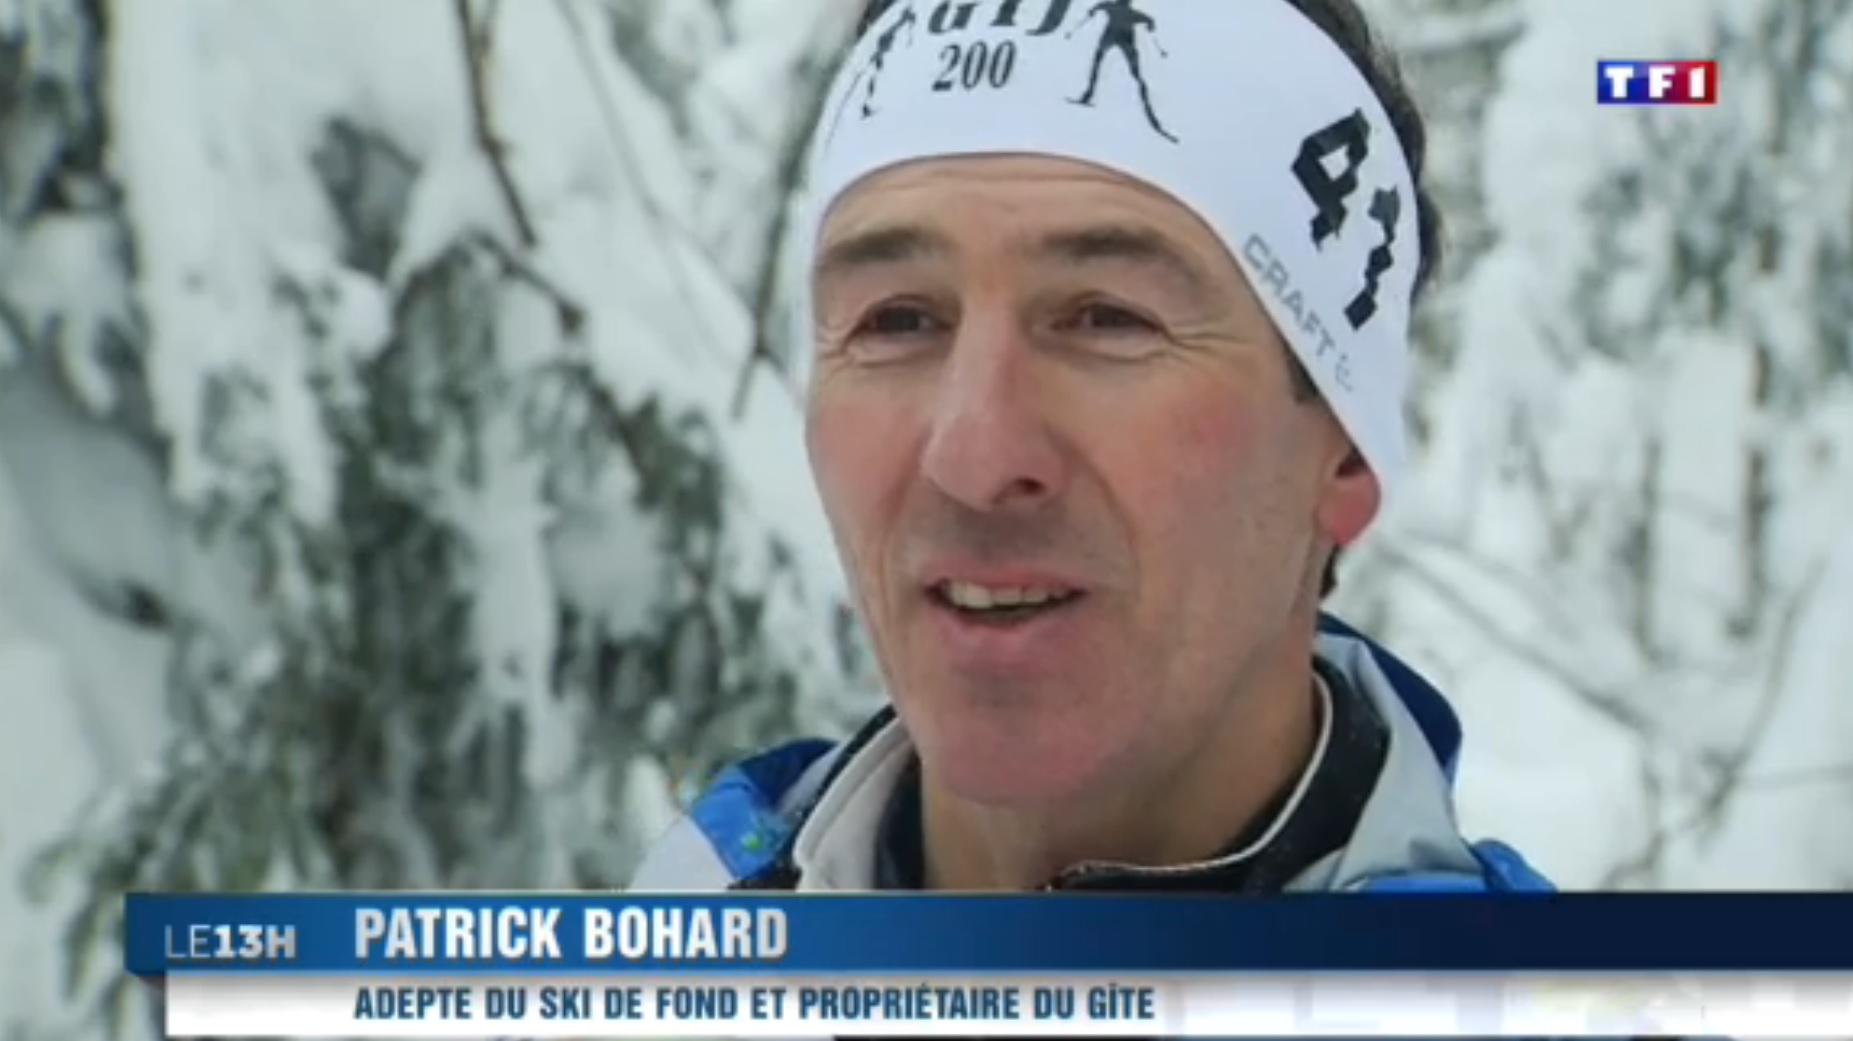 TF1 Jura (3-5) les mordus de ski de fond  22